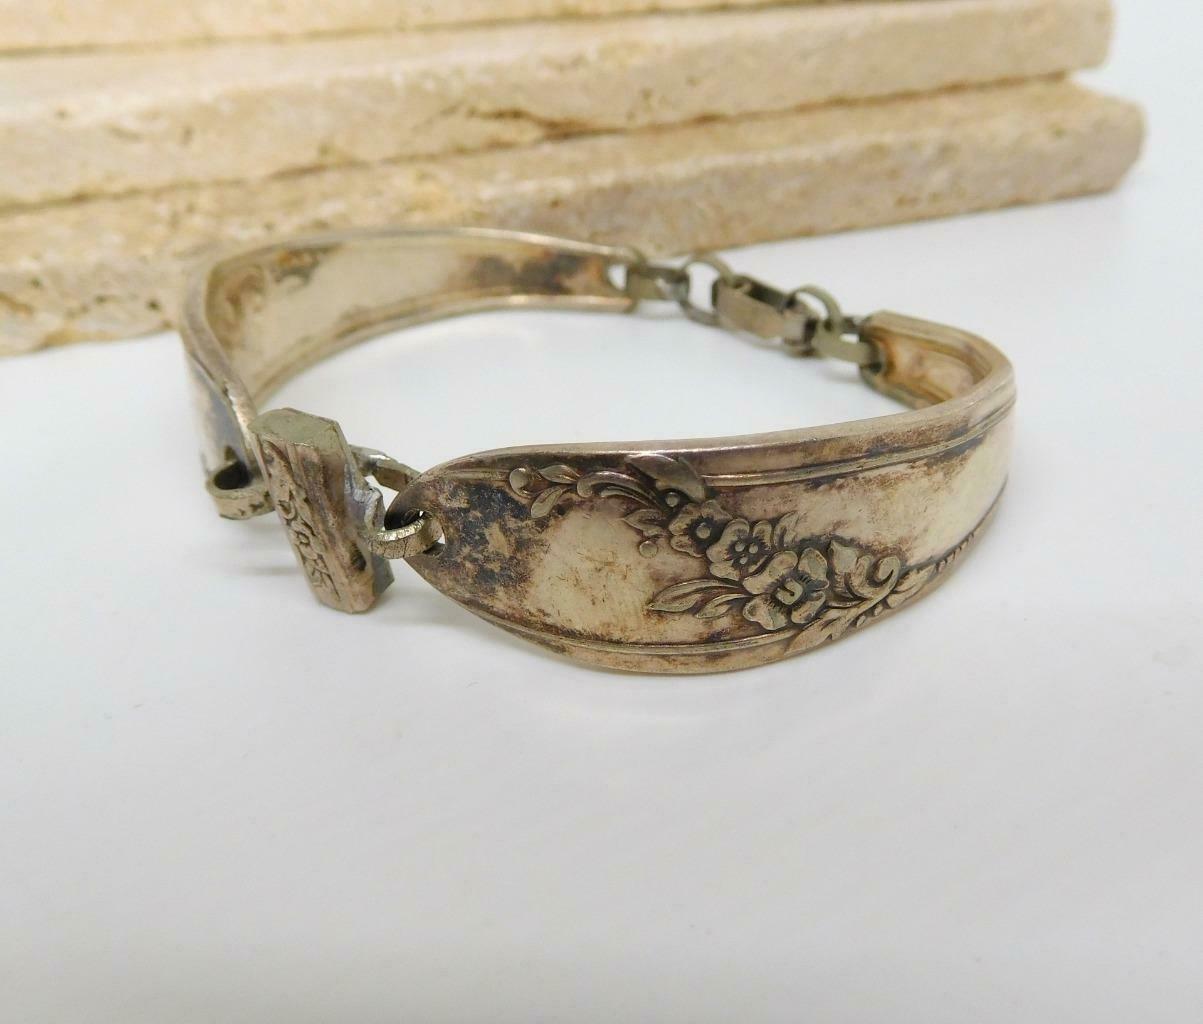 Vintage Silver Plated Victorian Flower Design Spoon Bracelet DD13 image 3